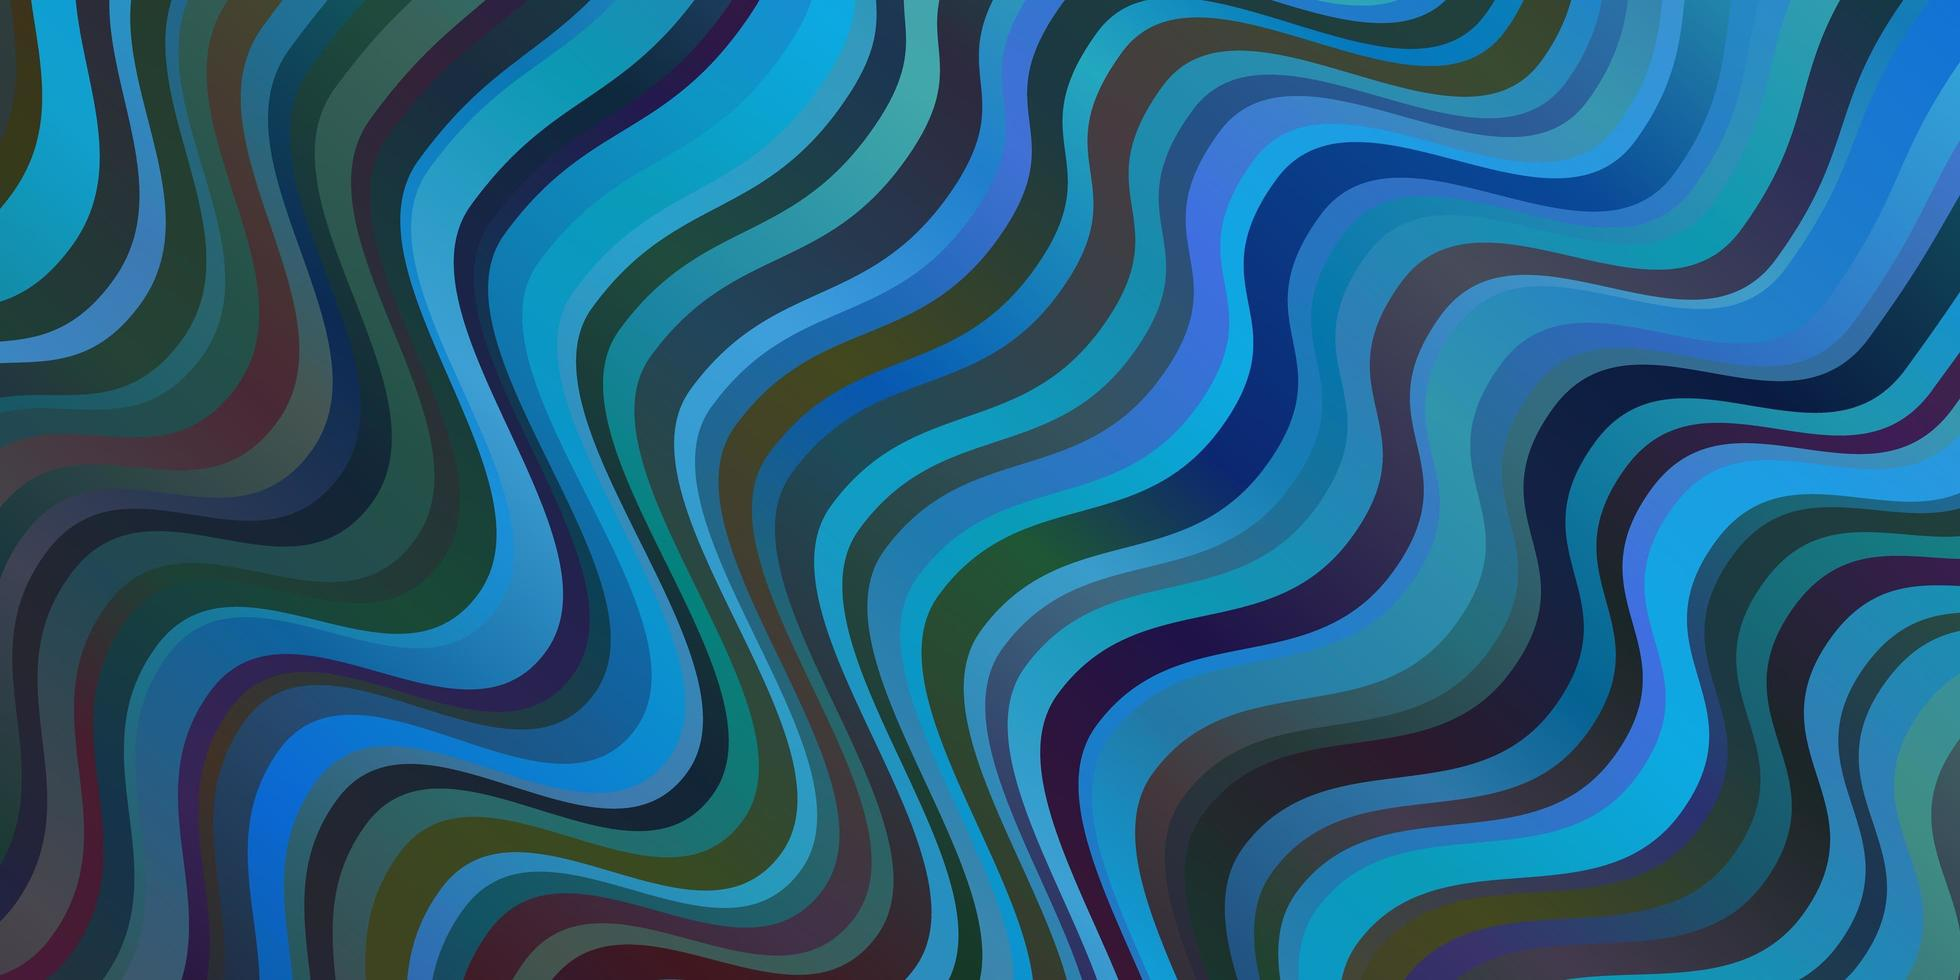 lichtblauwe vector sjabloon met wrange lijnen.